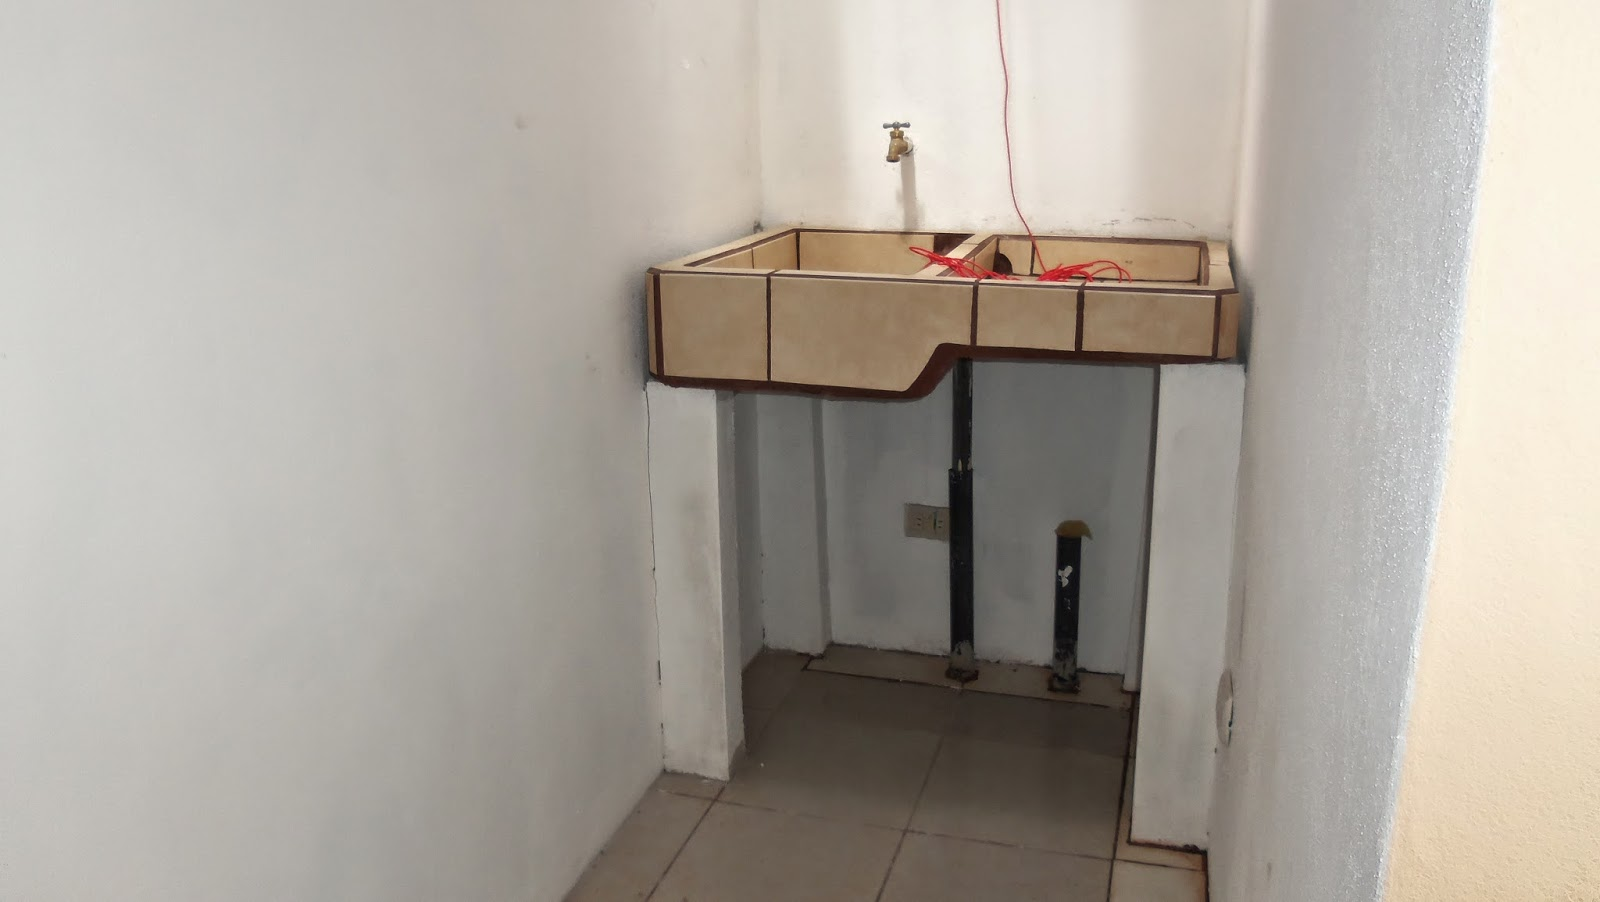 Muebles de garaje taller de garaje de de muebles armario de de metal mecnica de acero carro - Muebles de garaje ...